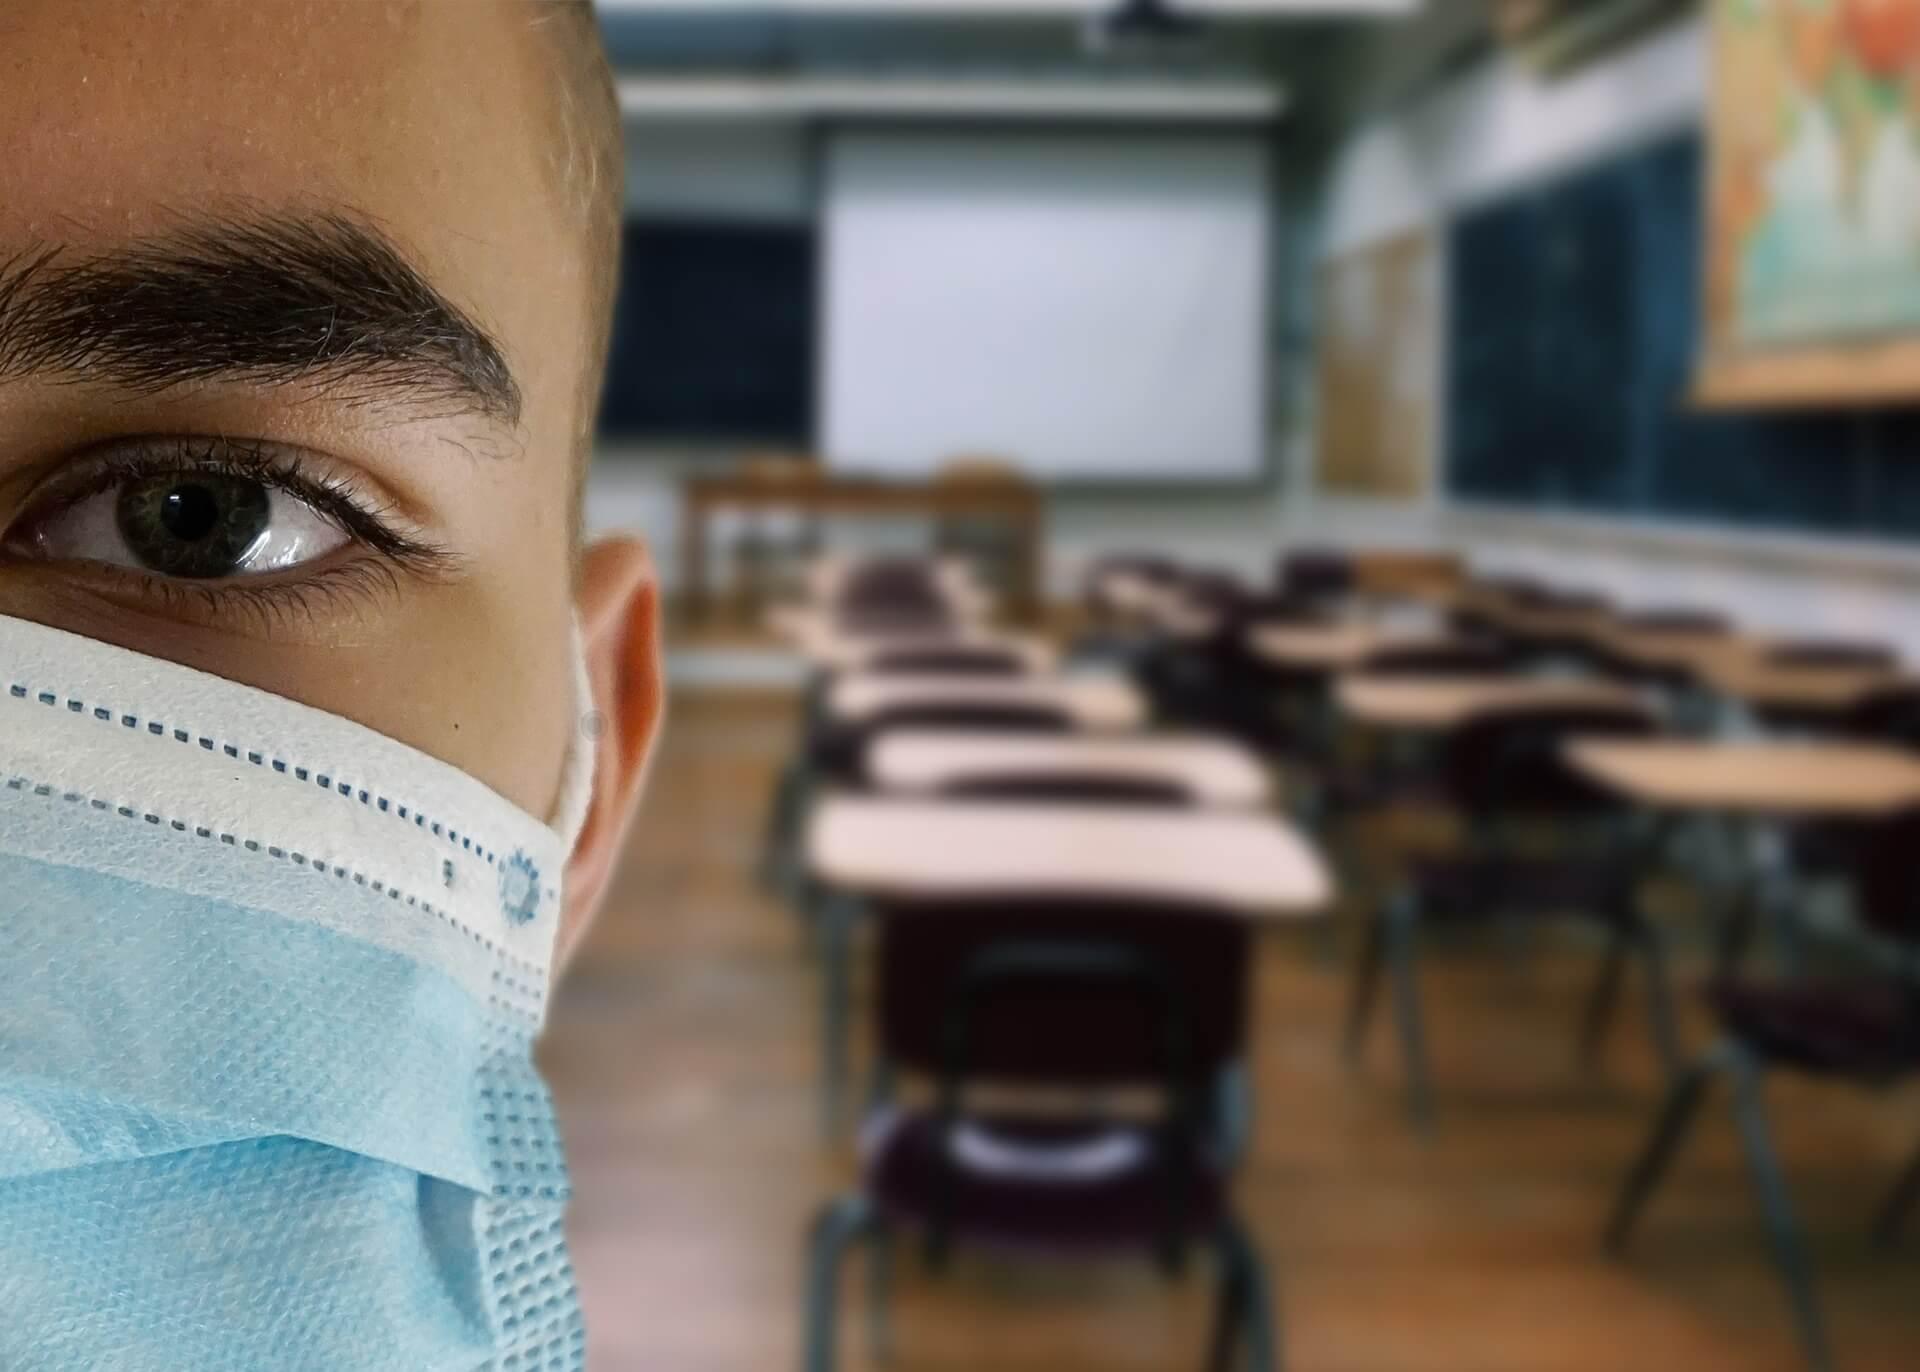 Najnoviji podaci Ministarstva: U samoizolaciji 11.549 učenika, otkrili i koliko je zaraženih